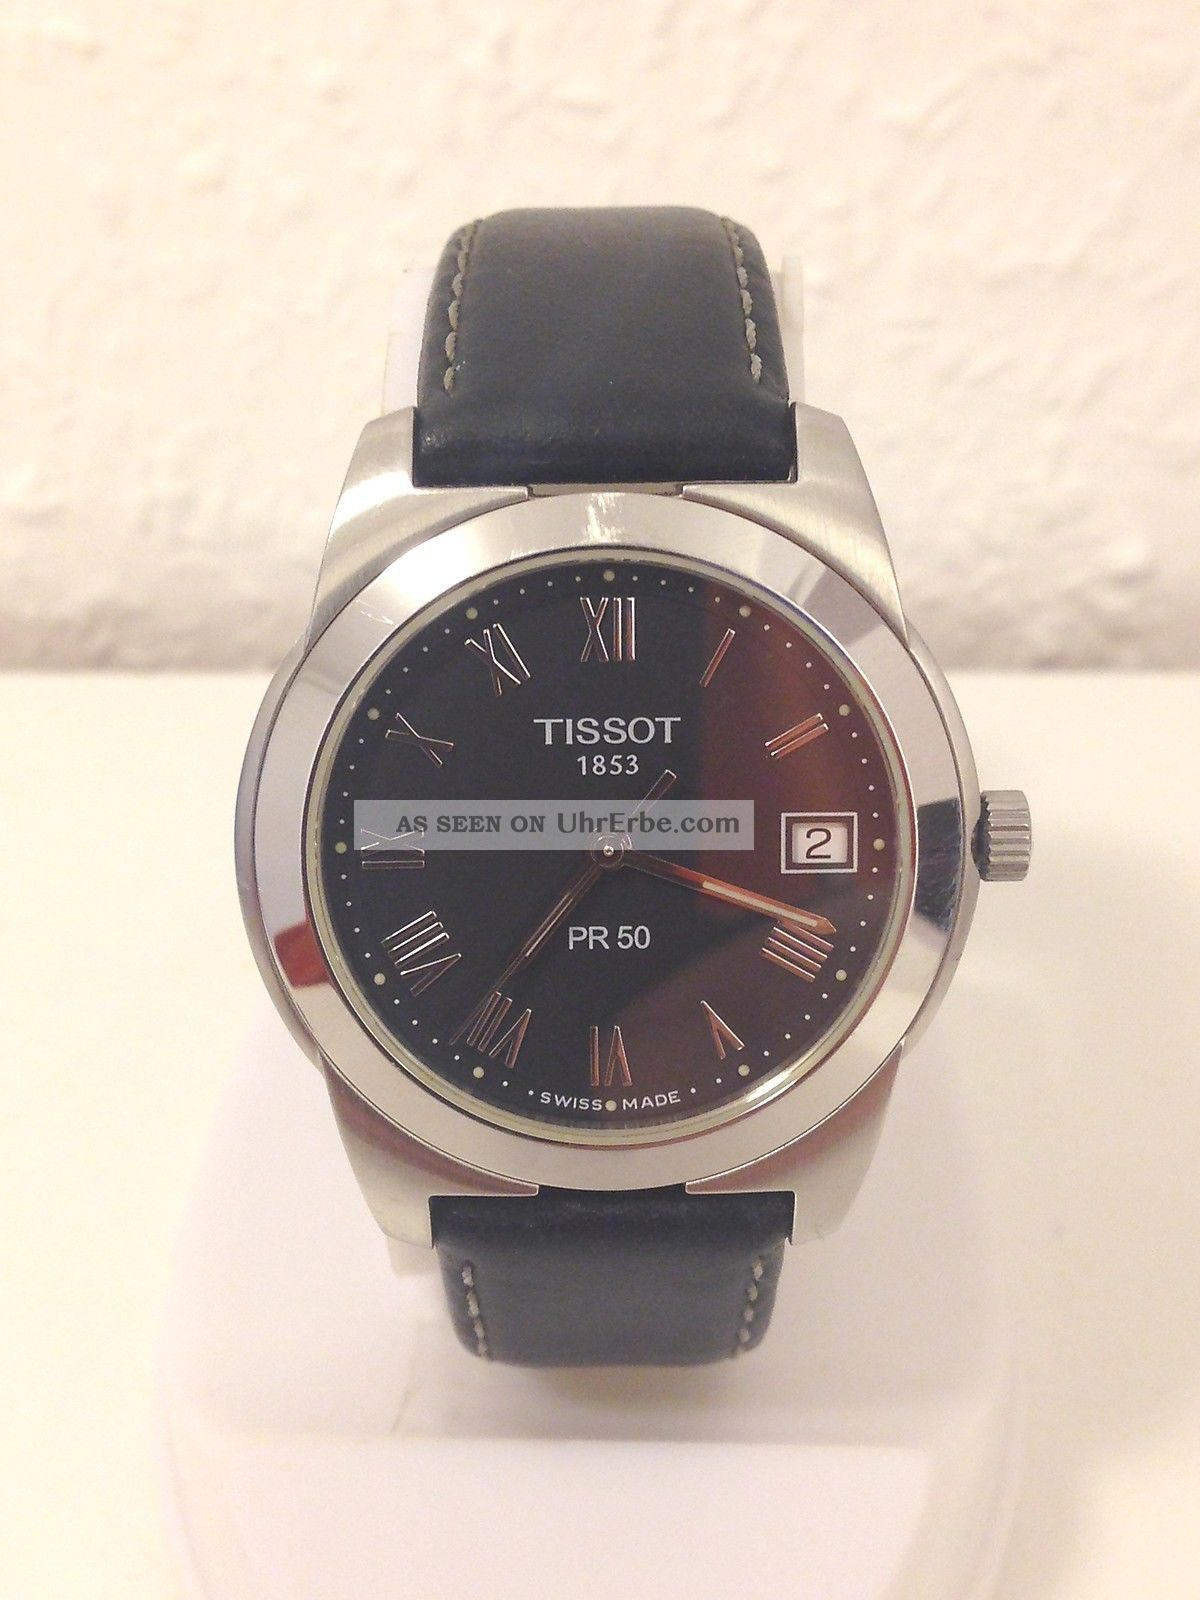 Tissot Pr 50 Edelstahl Herren Armband Uhr Armbanduhren Bild